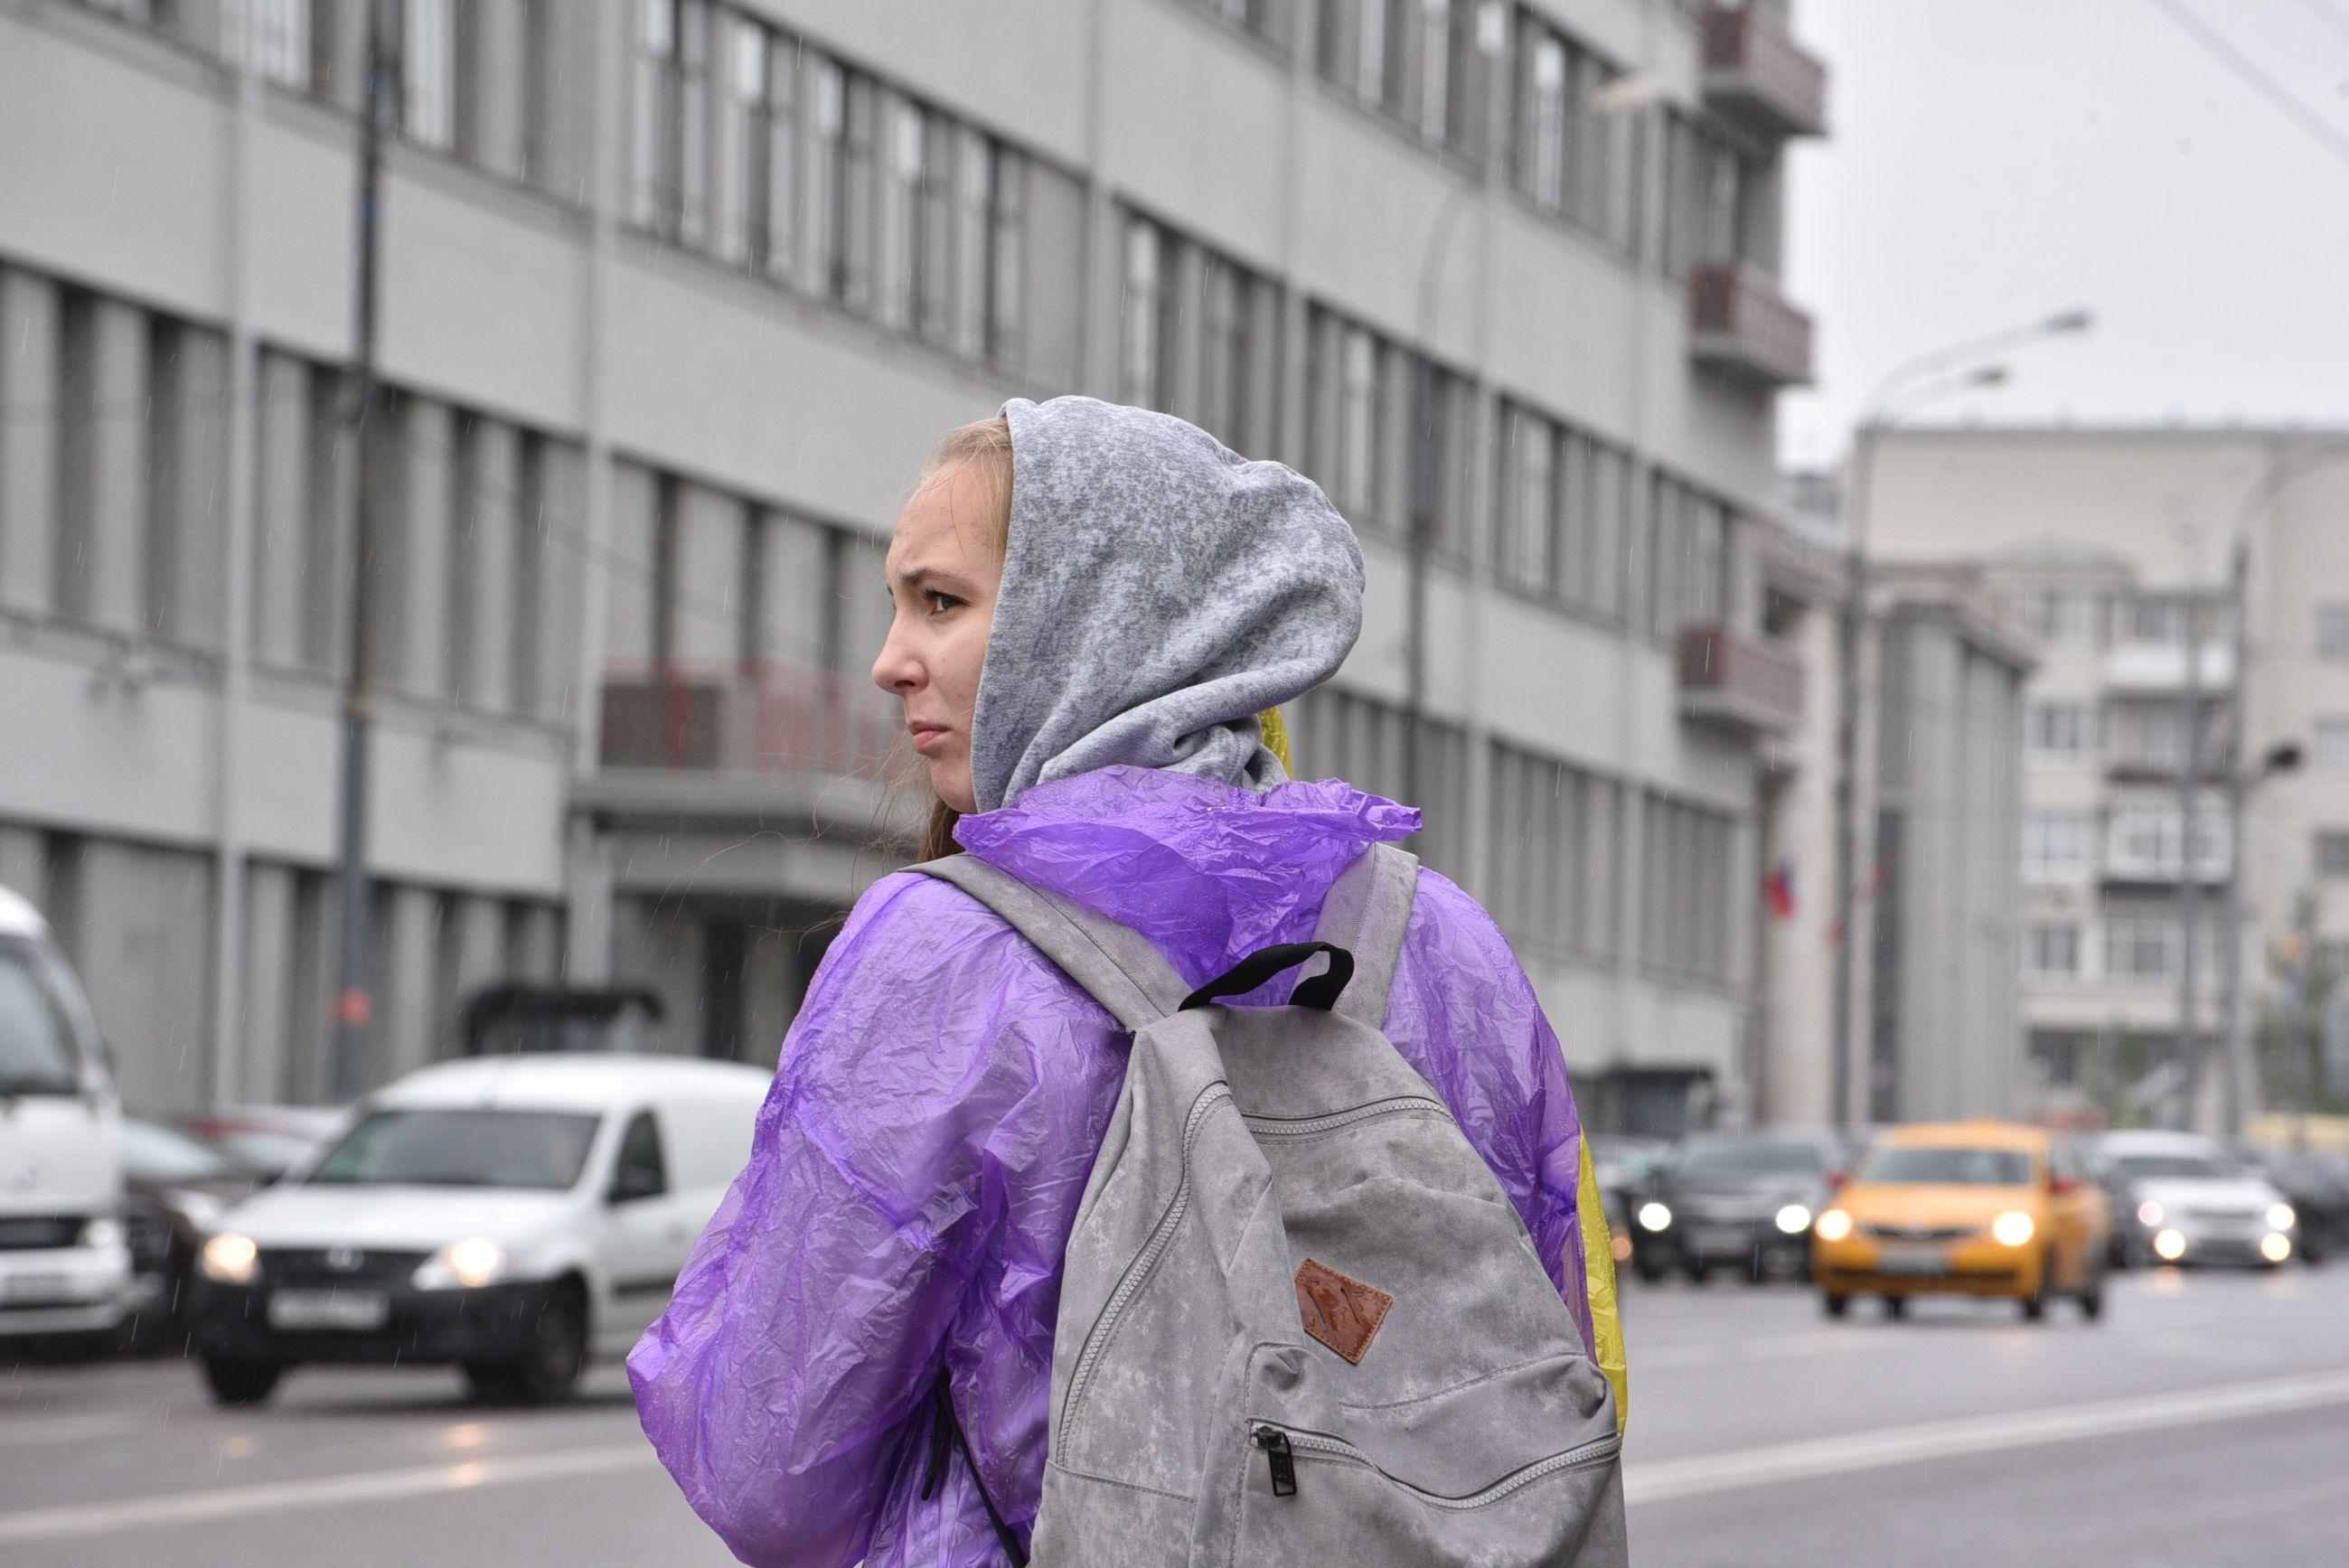 Погода на выходных в Москве будет теплой и дождливой